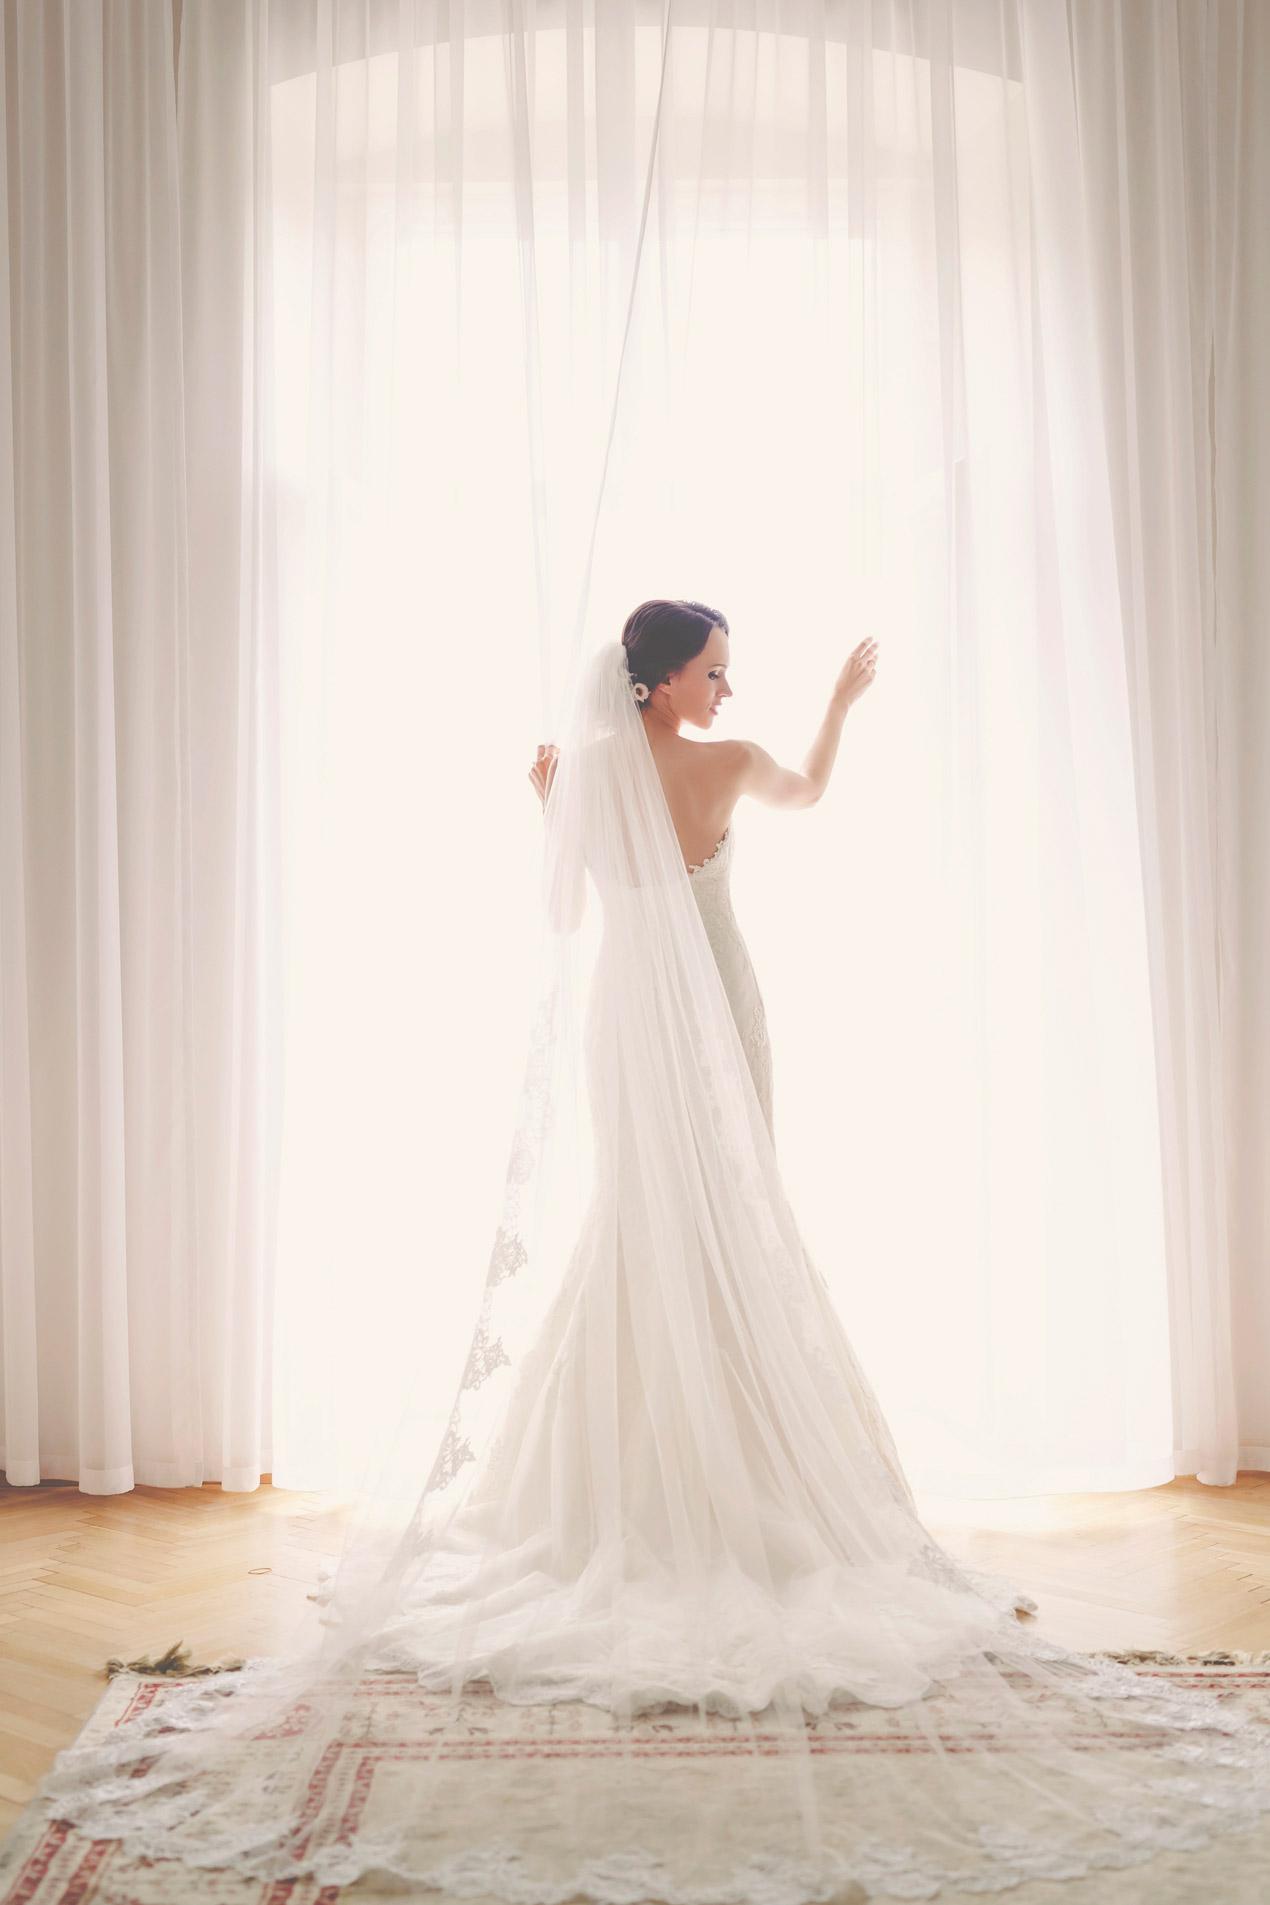 Pałac Brunów, wesele, slub, przygotowania, panna młoda, fotograf, dolny slask, wesele Pałac Brunów